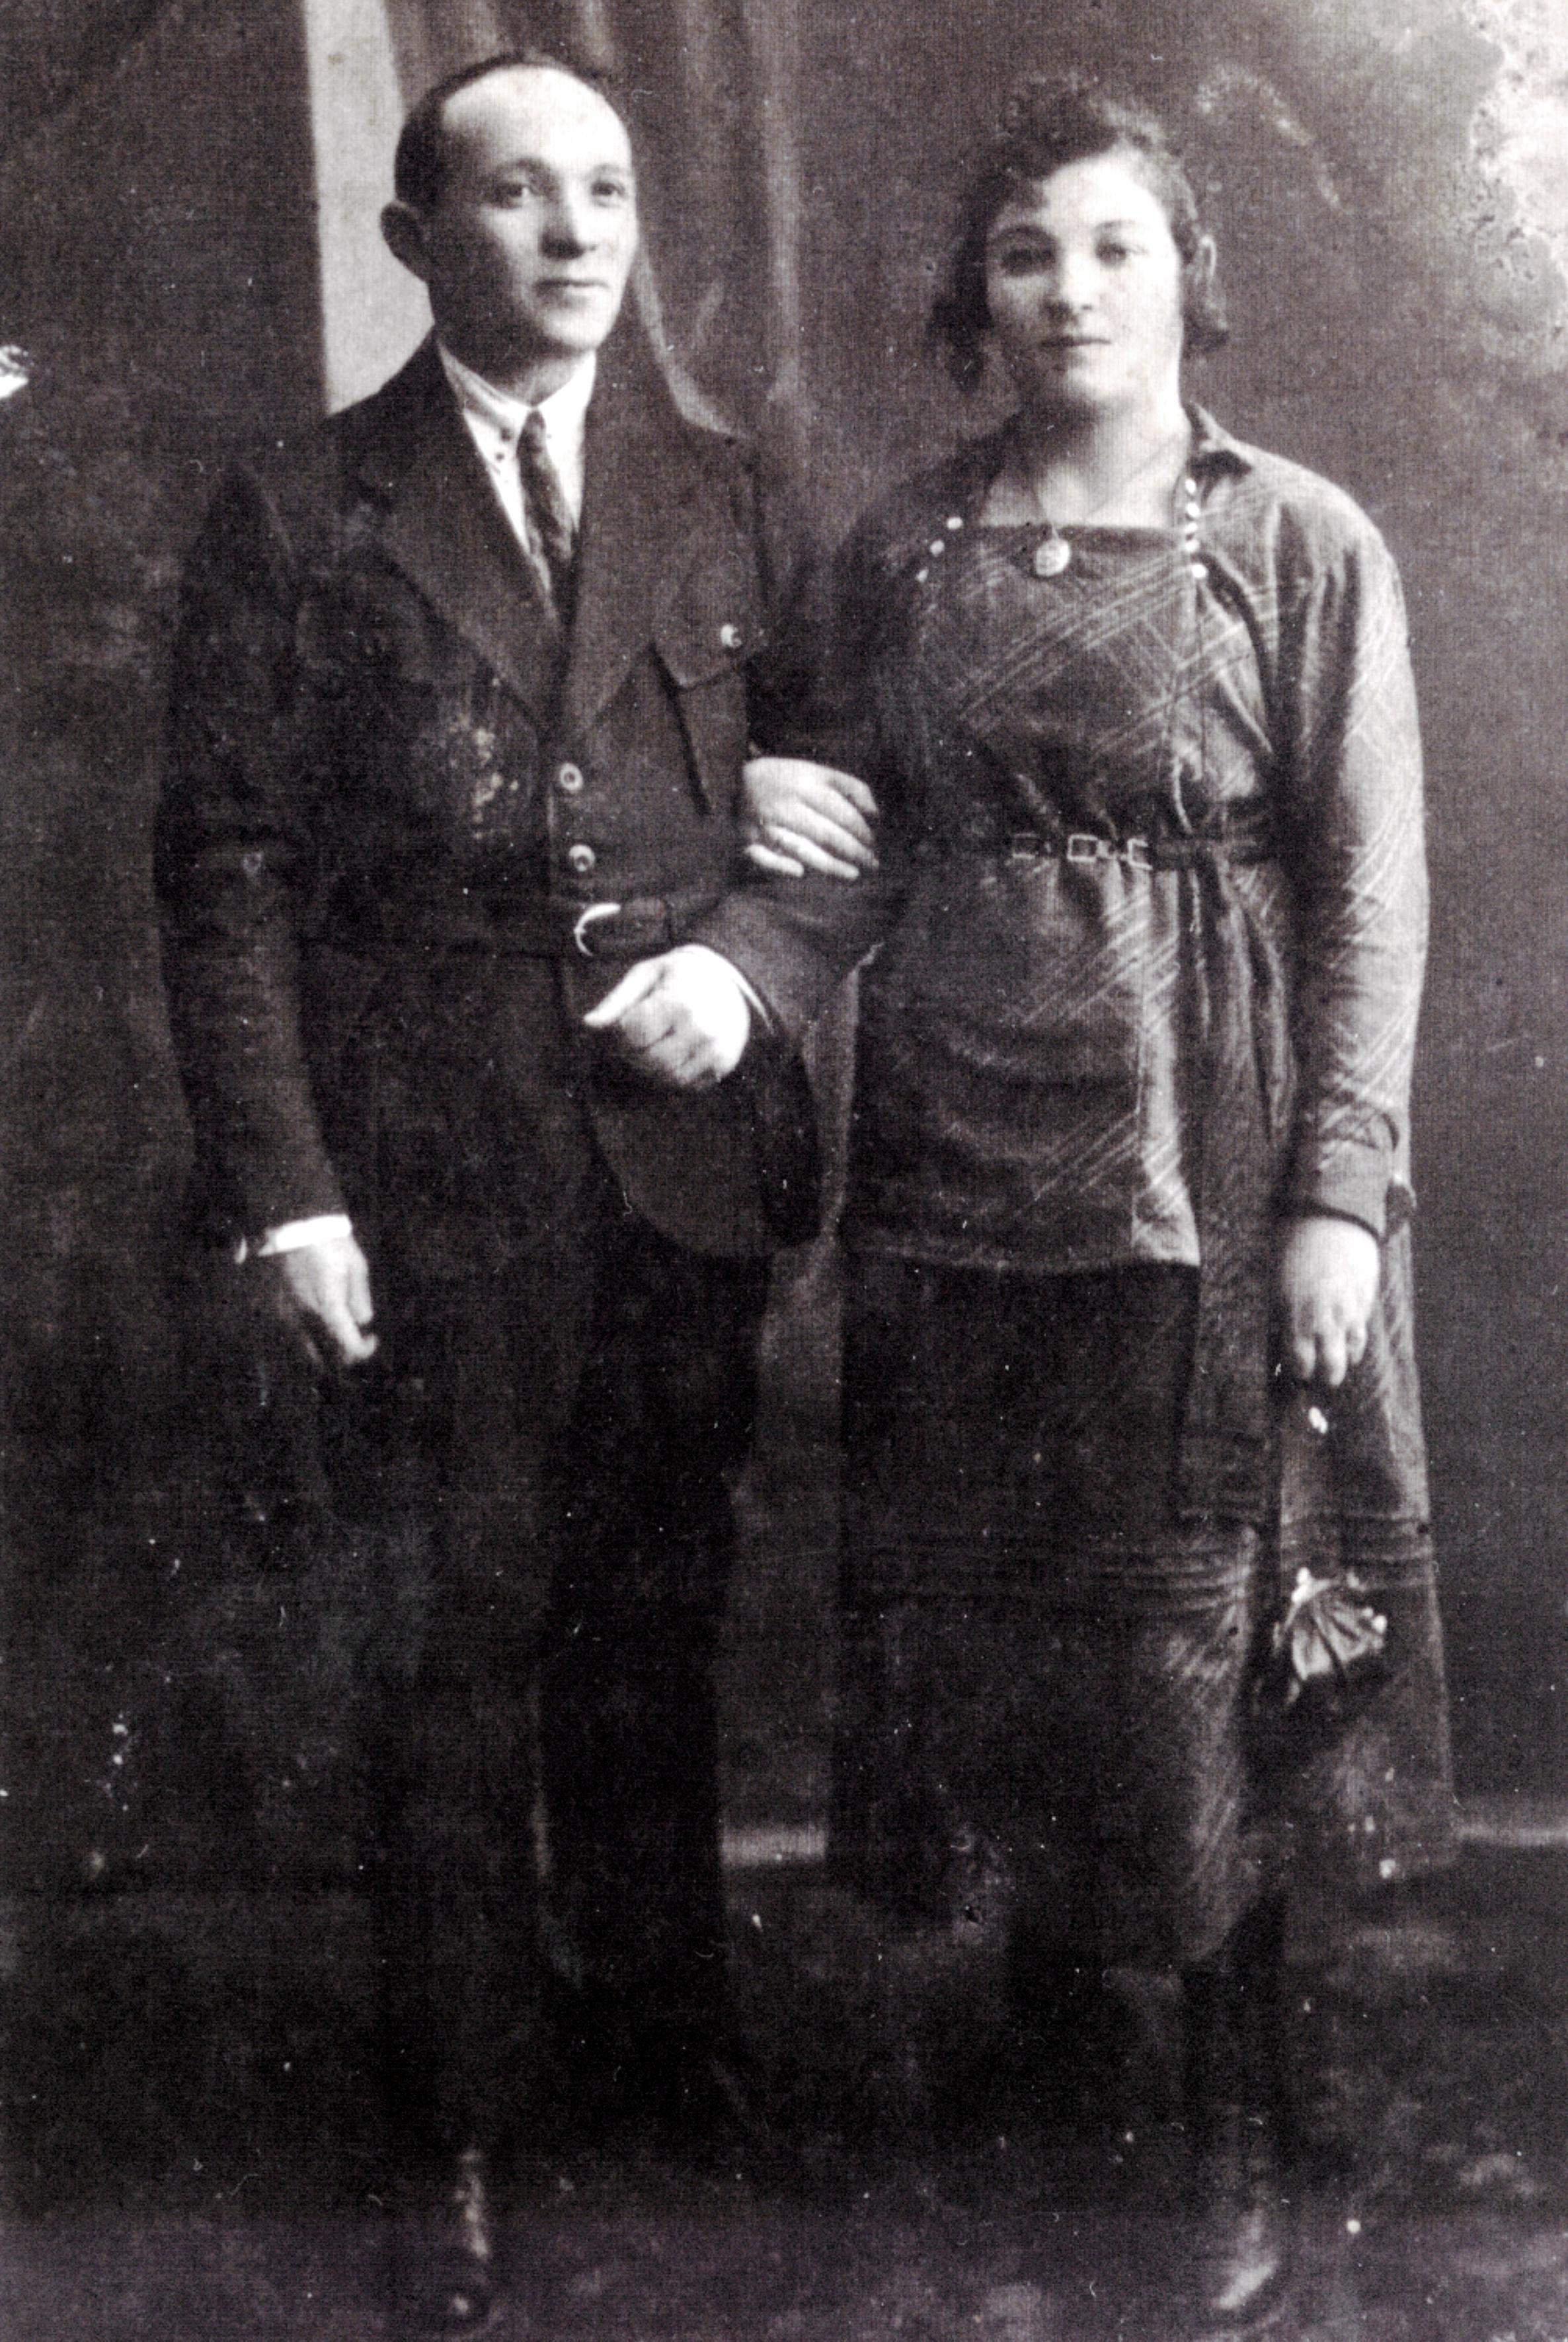 Mendel-Bert and Nehuma Roizen